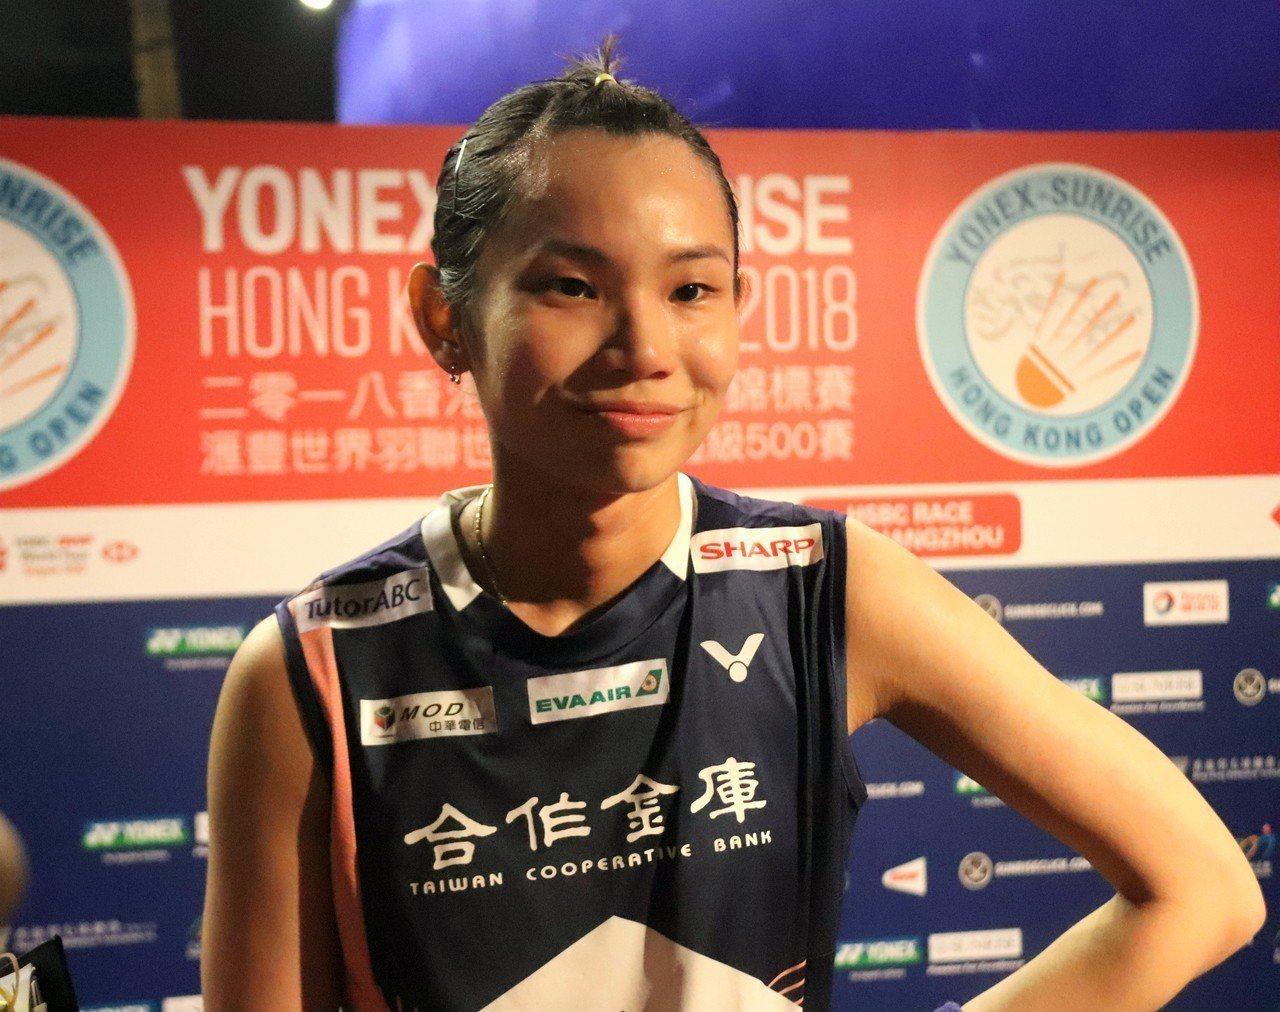 戴資穎在香港公開羽毛球錦標賽女單4強比賽進行中,因傷中途退賽,未能完成賽事。 (...